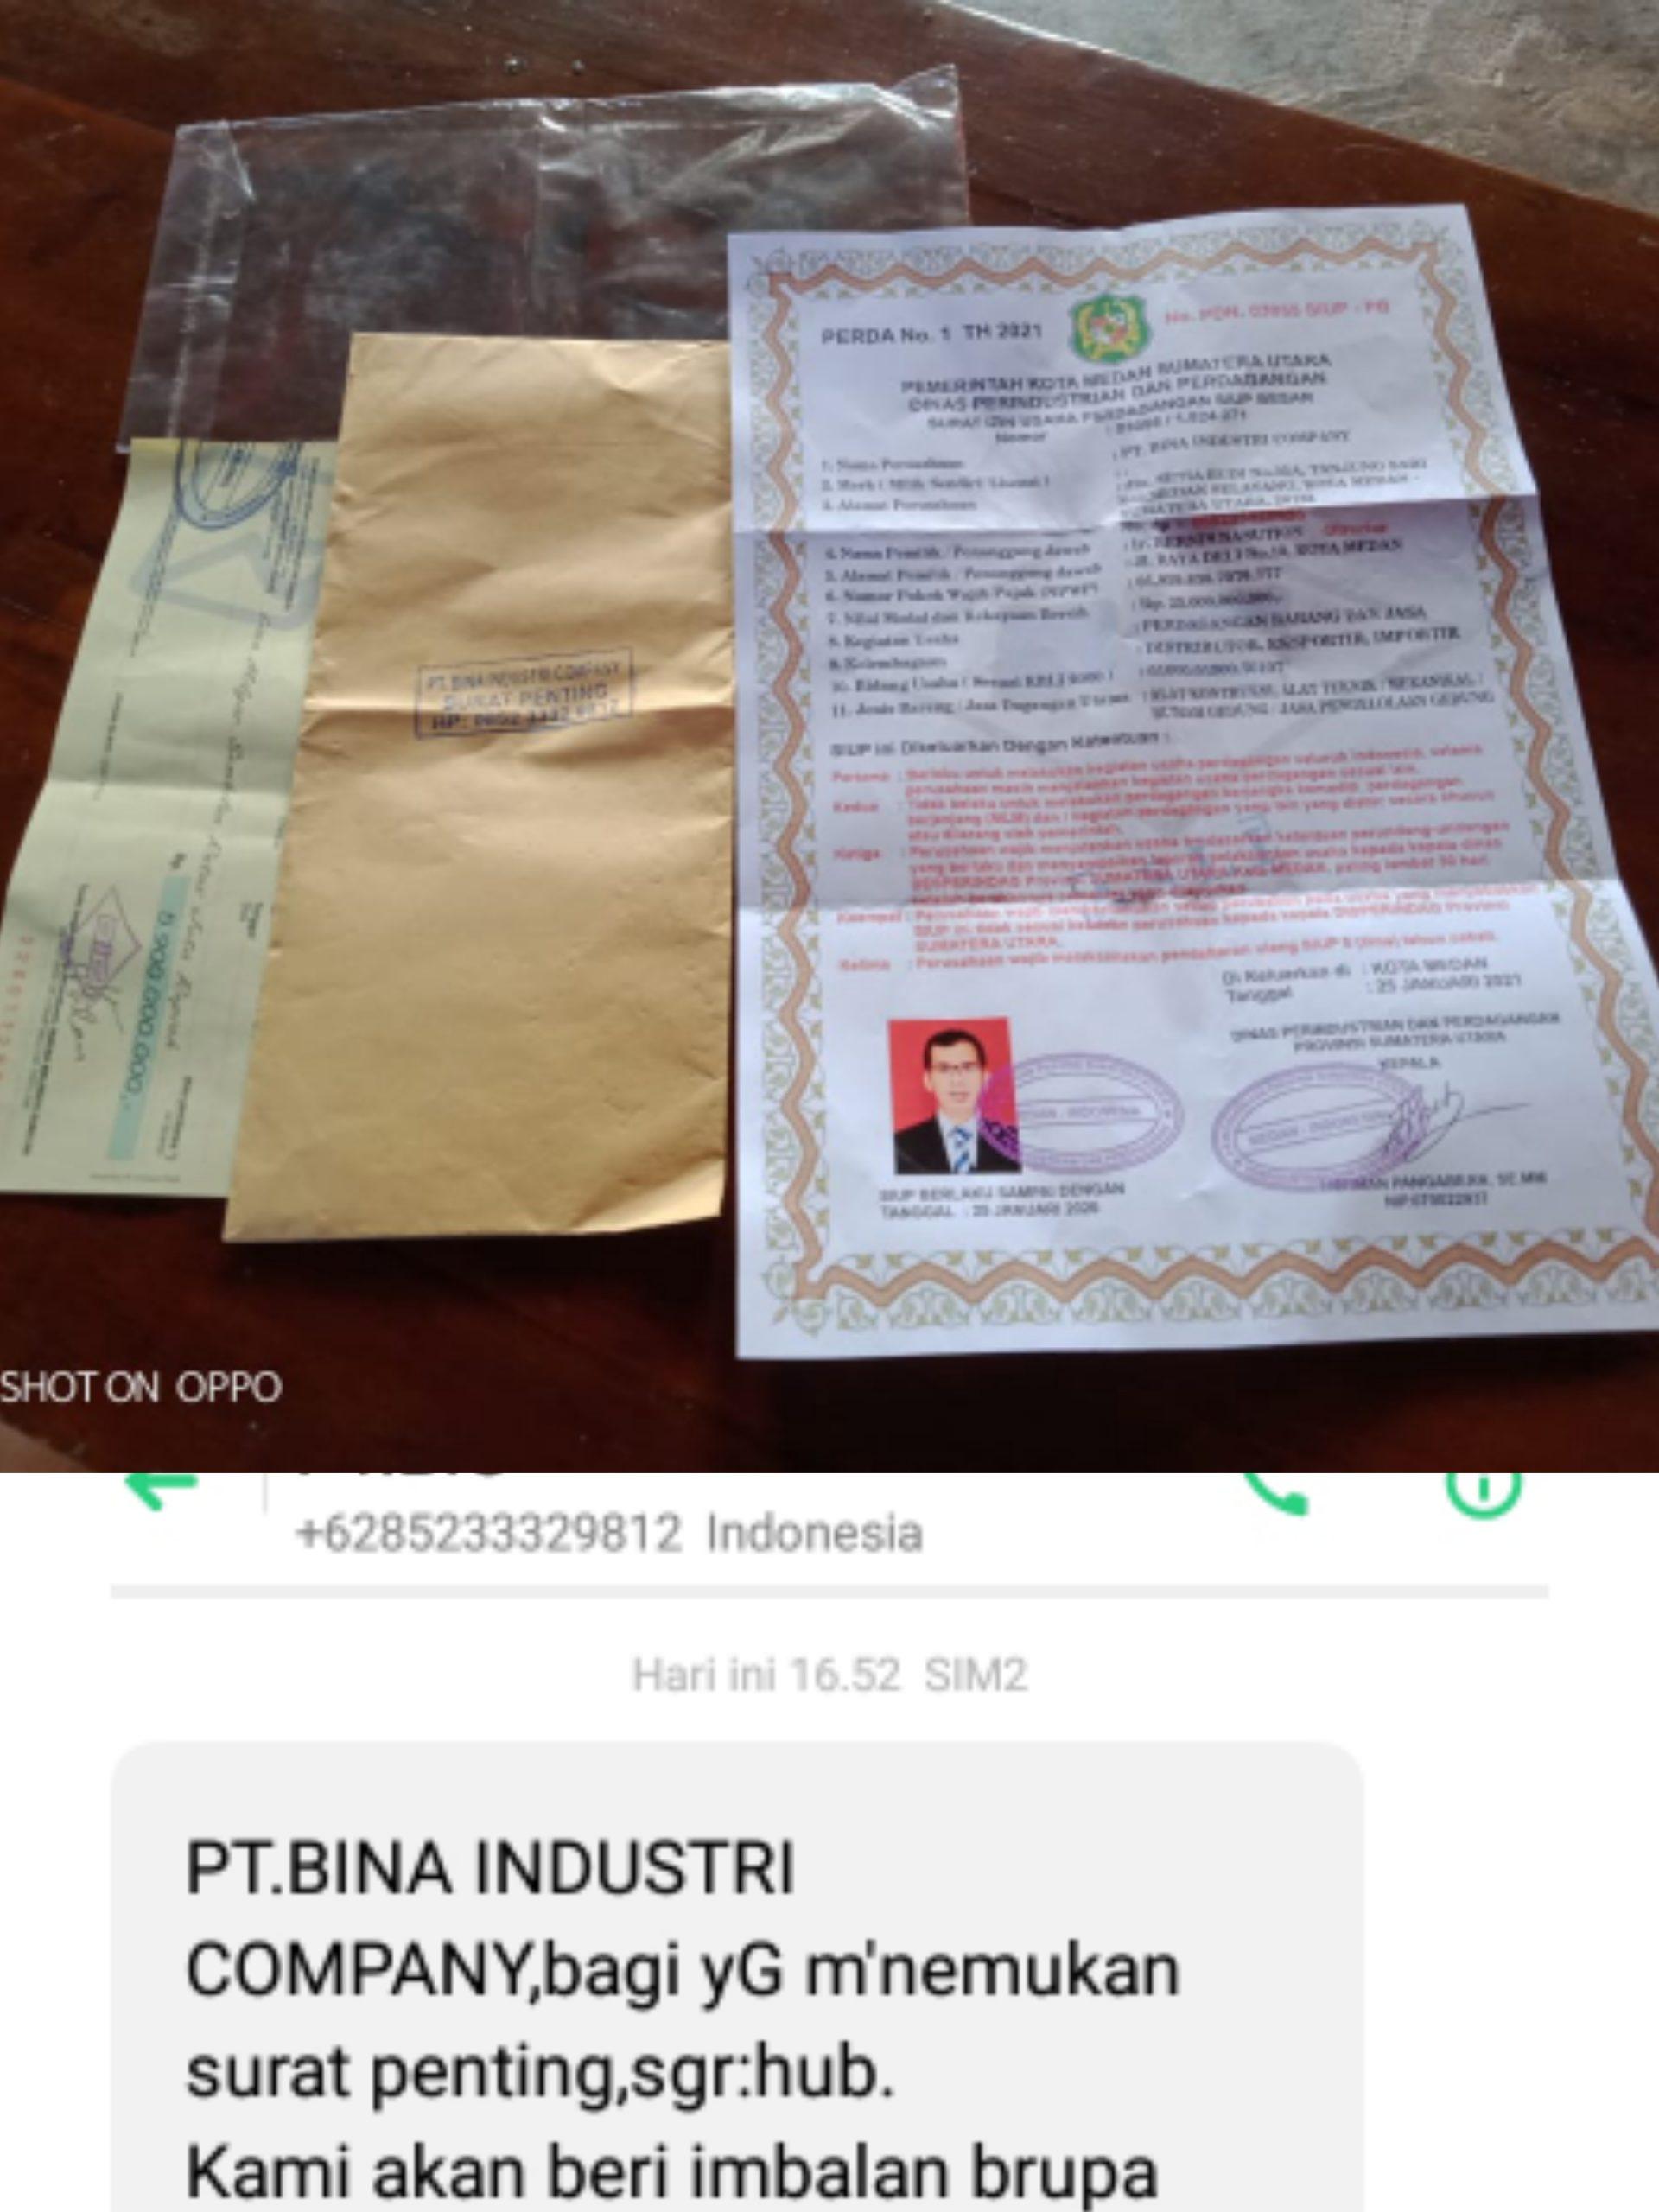 Hati-hati Penipuan, Modus Operandinya Kehilangan Surat, Penemu Diiming-imingi Imbalan